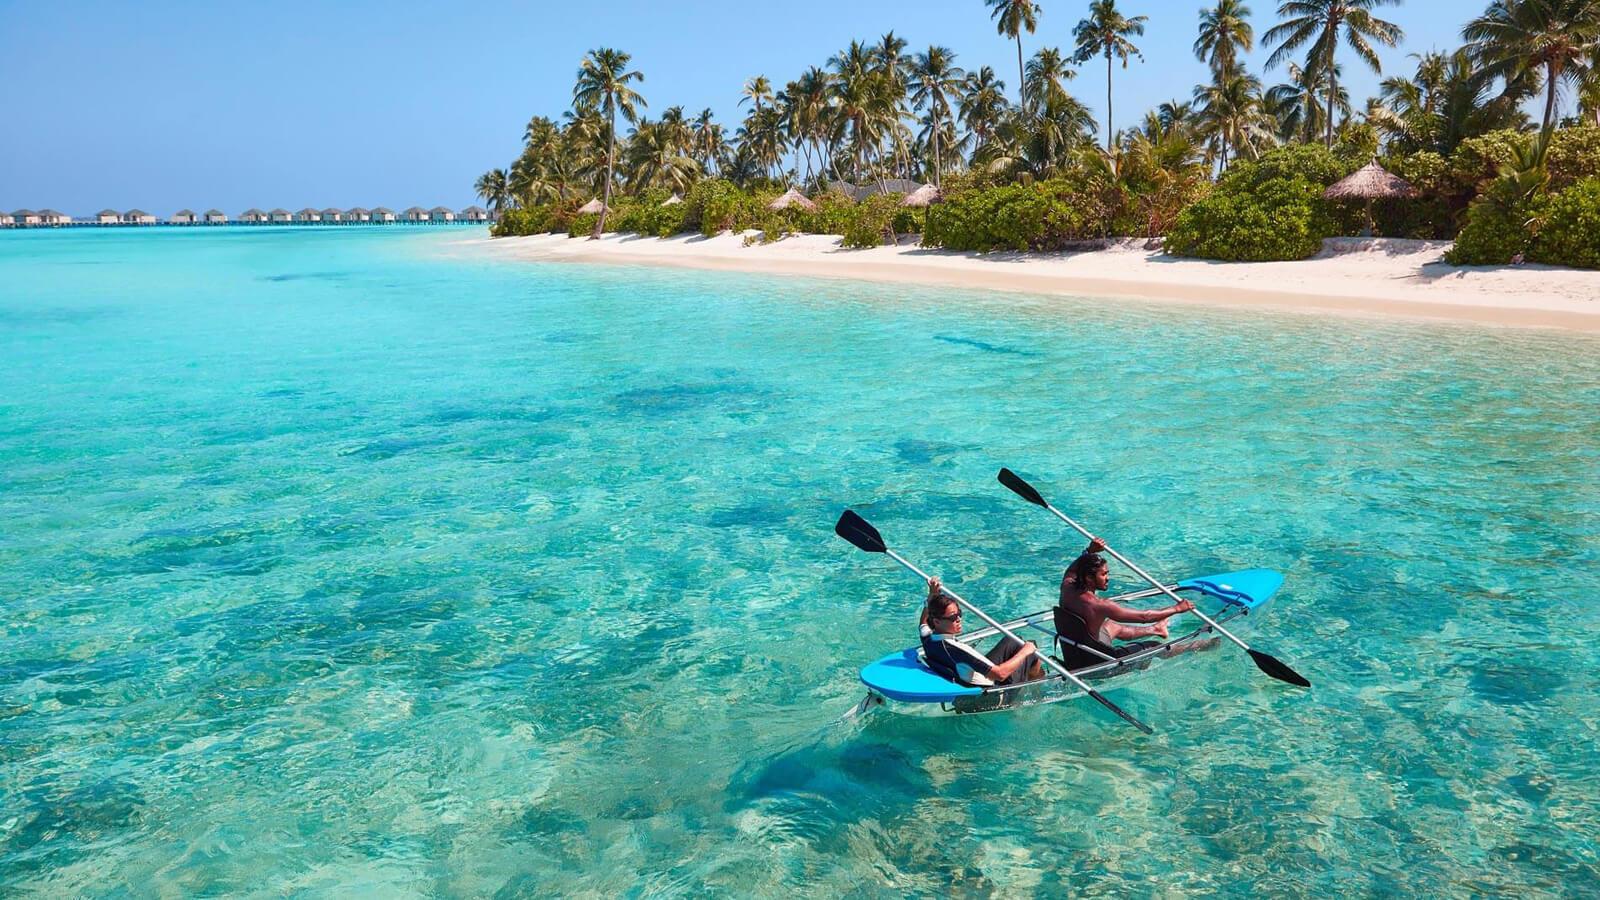 Мальдивы, отель Amari Havodda Maldives, каякинг